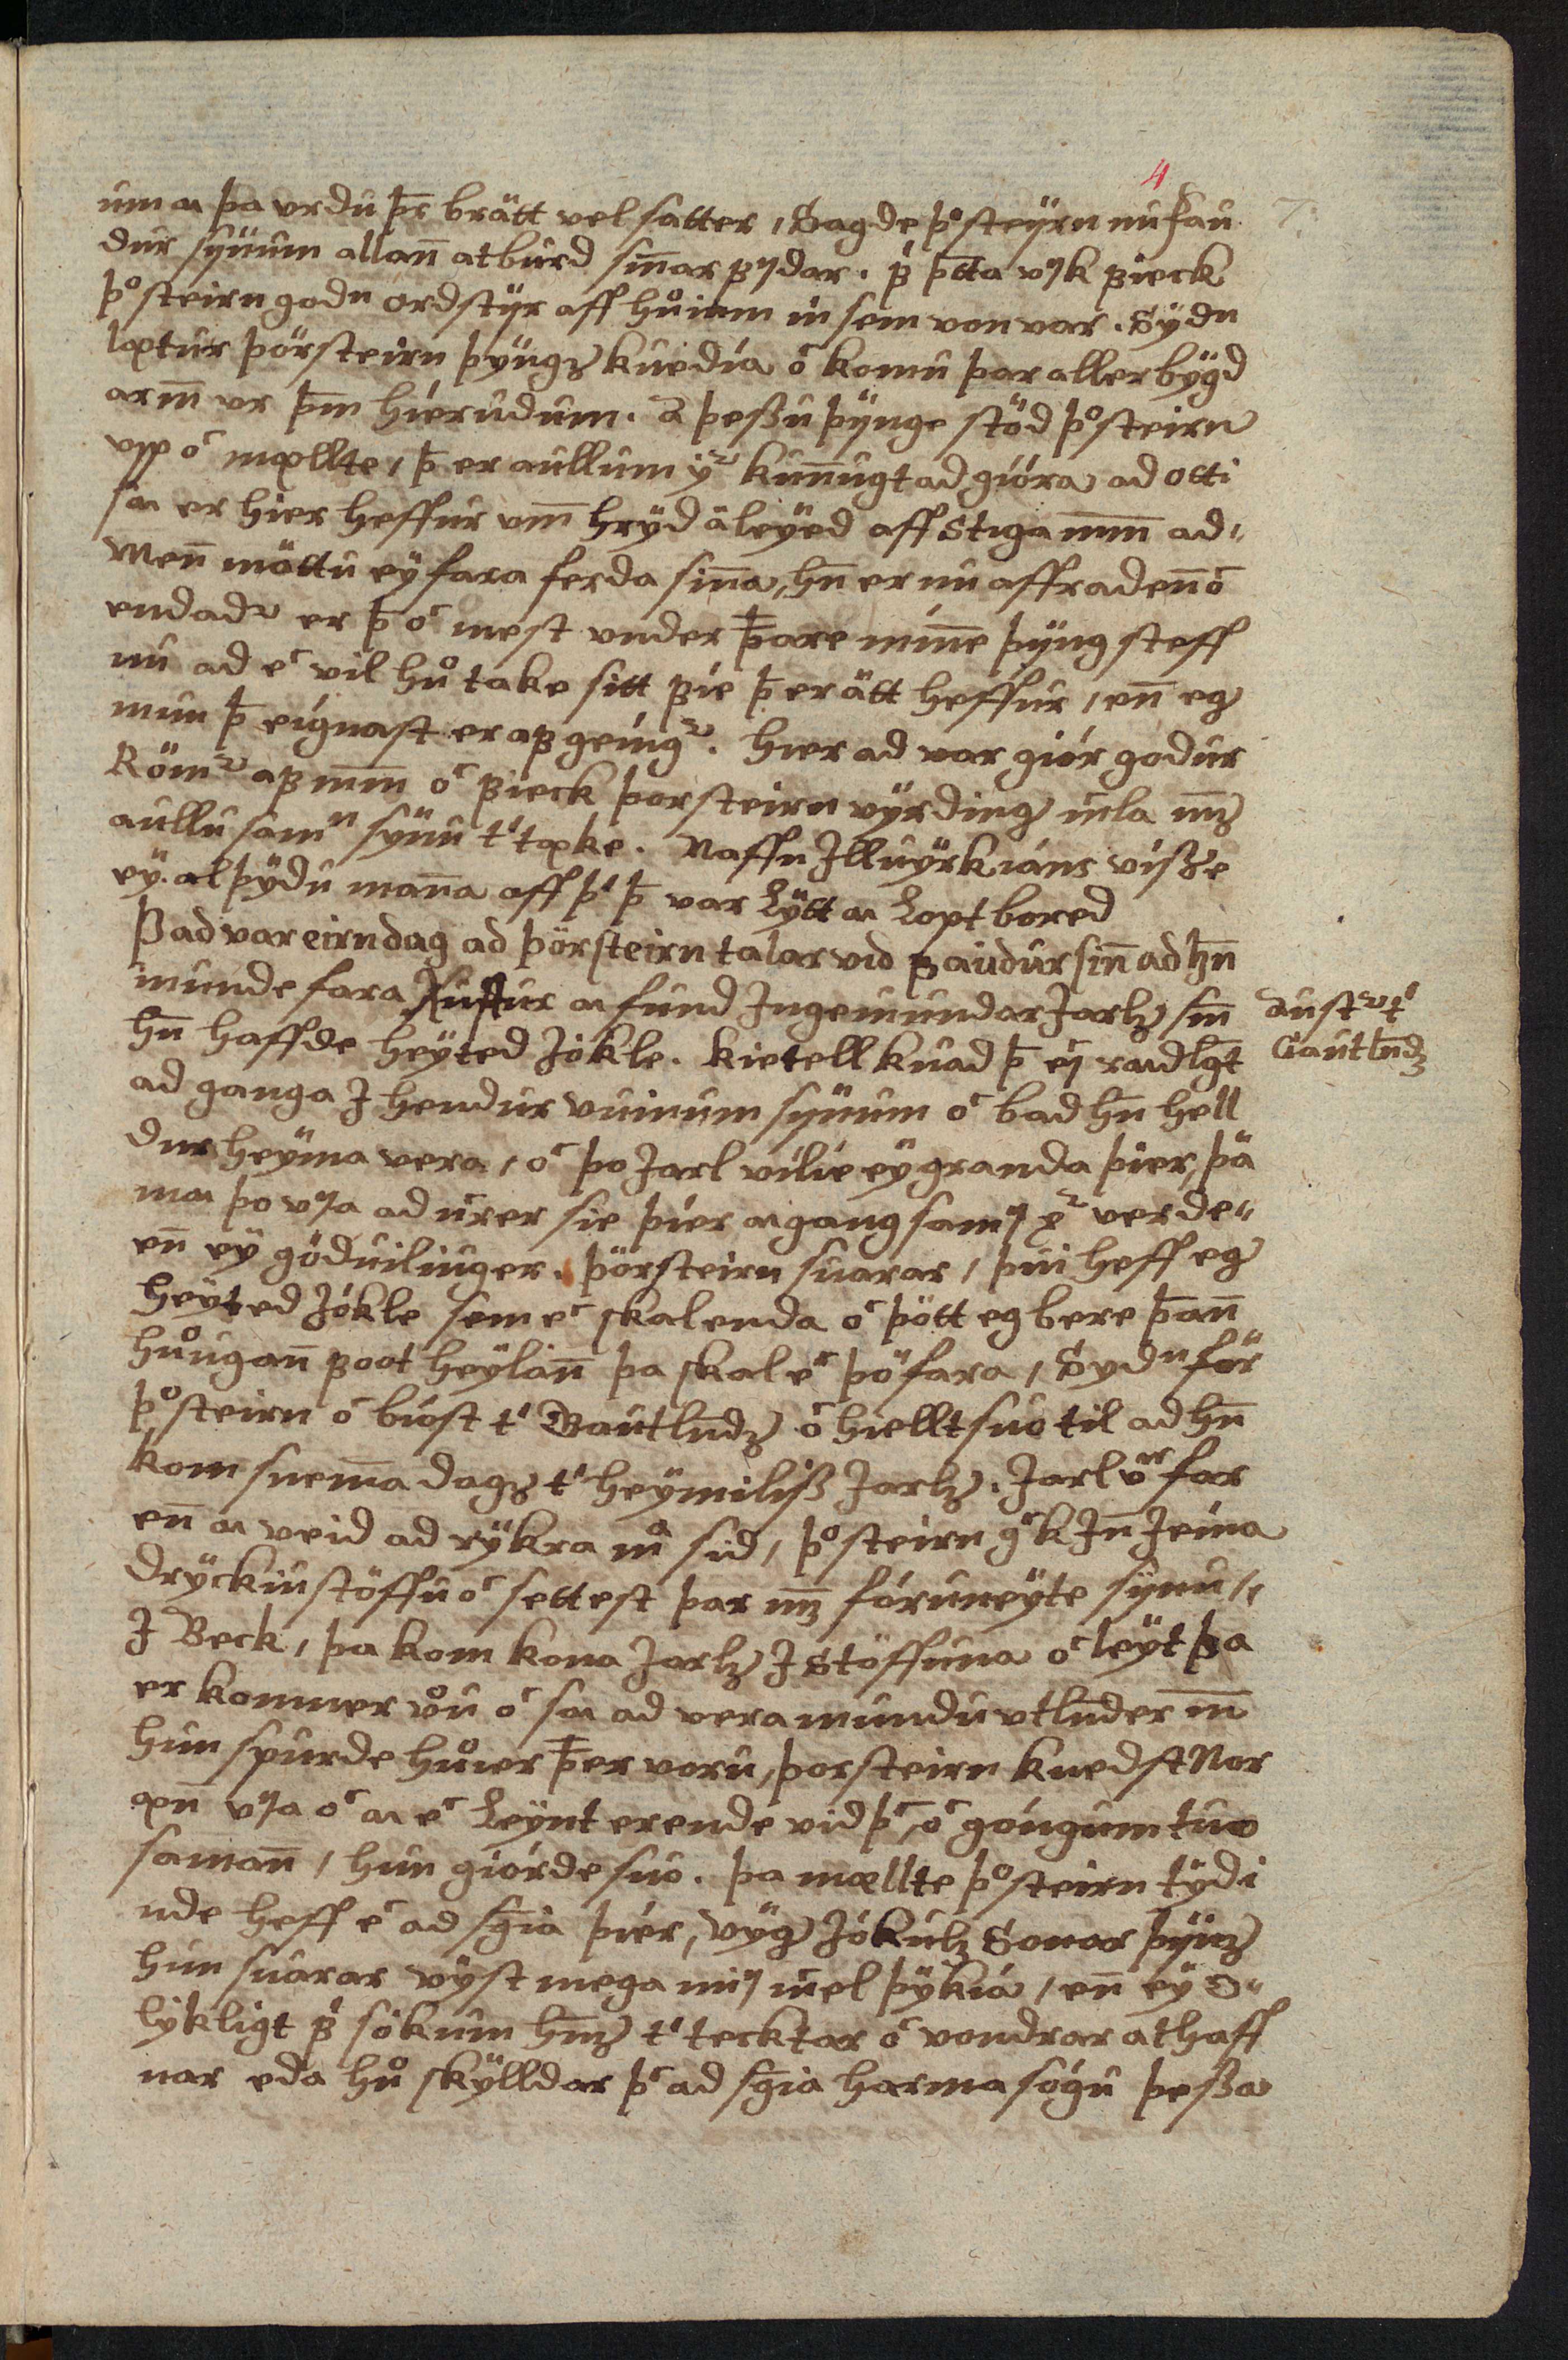 AM 138 fol - 4r